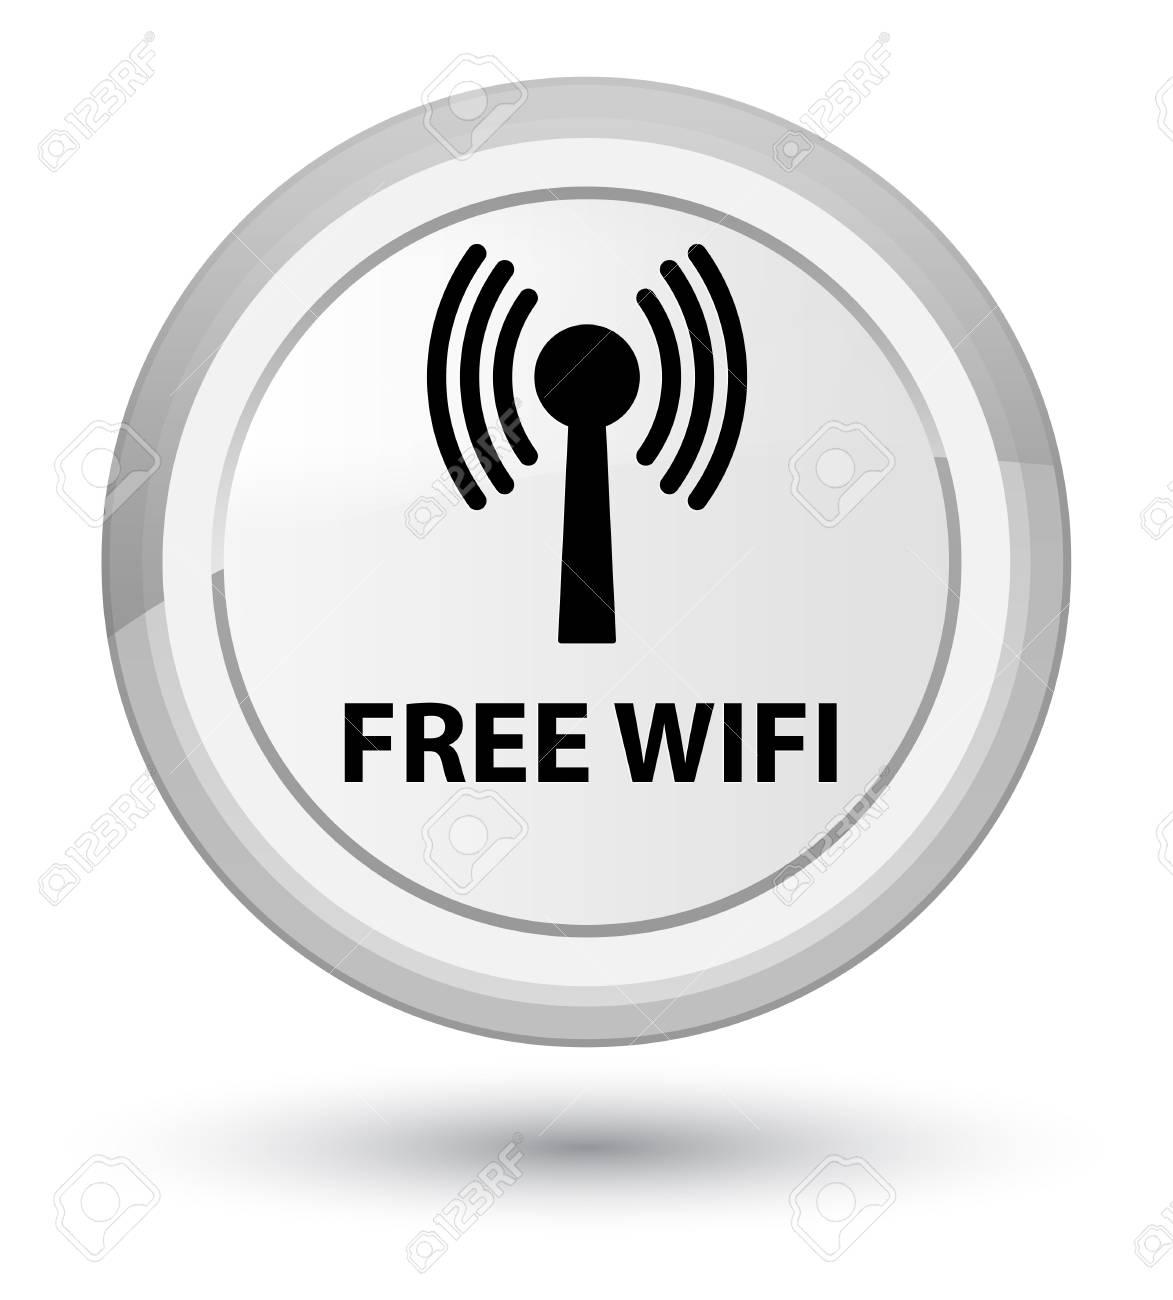 無料 Wifi 無線 Lan ネットワーク プライム ホワイト ボタン抽象的な